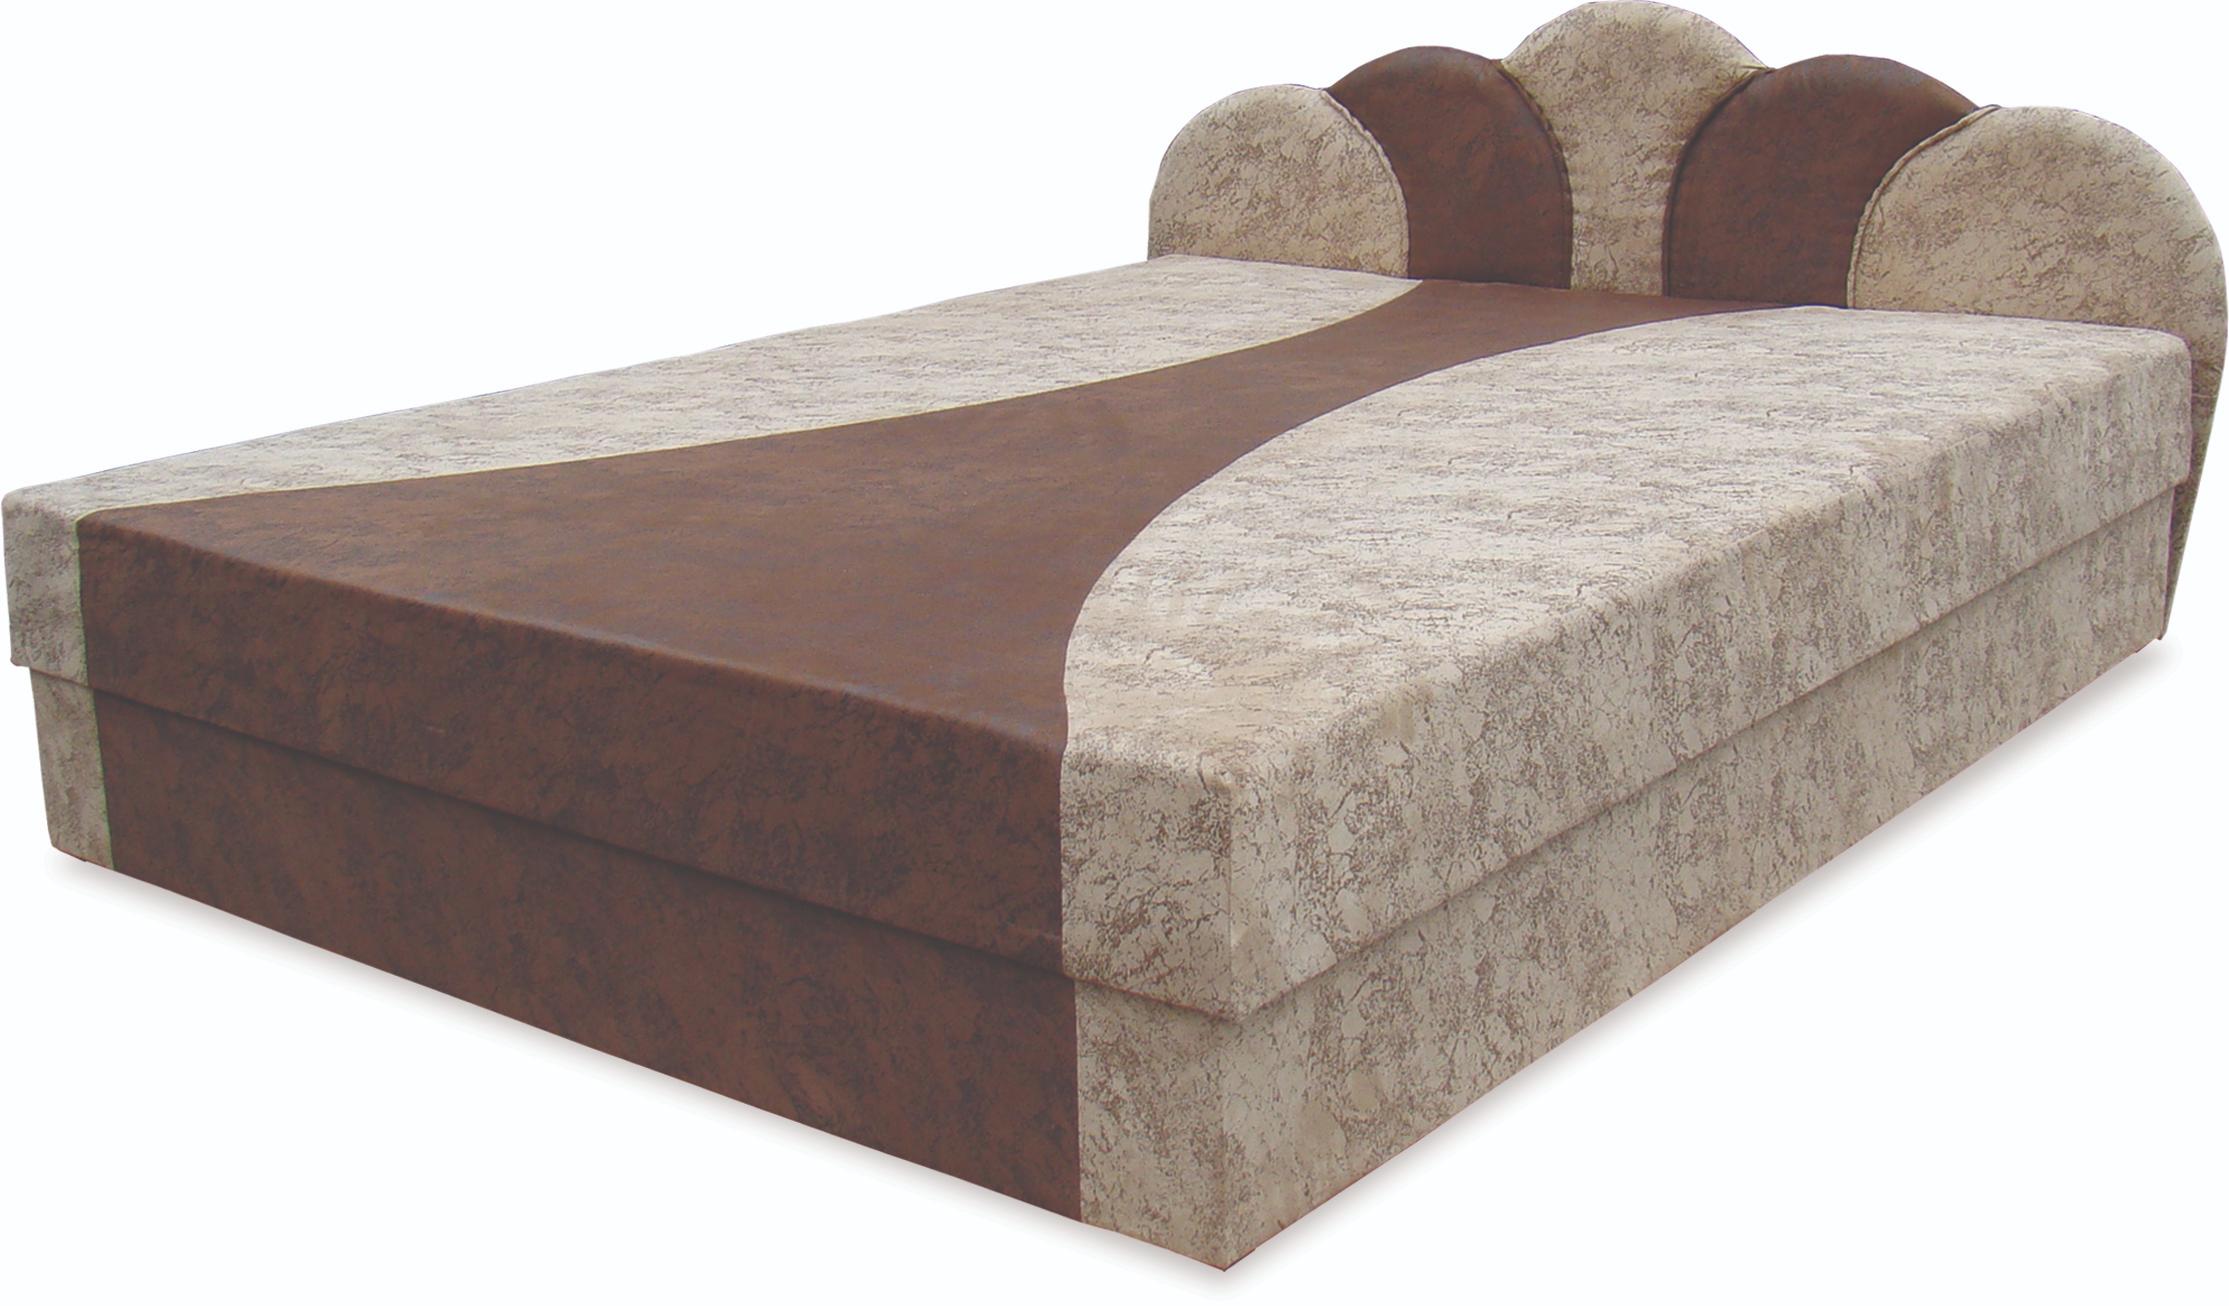 Купить кровать недорого в интернет магазине Вика